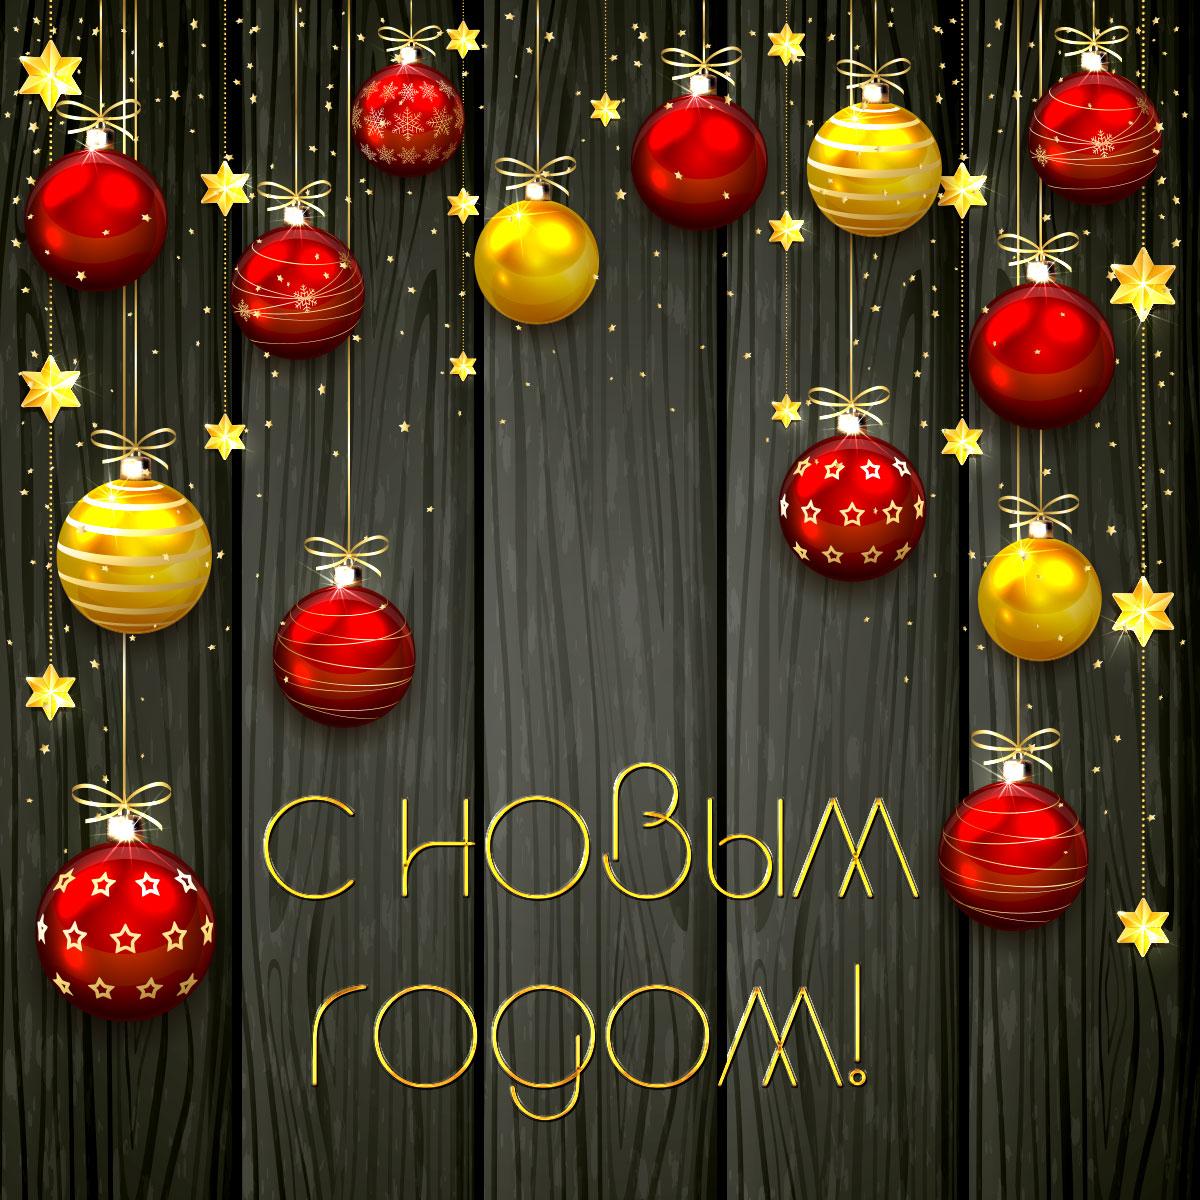 Черная открытка с новым годом с красными и жёлтыми рождественскими шарами и надписью.